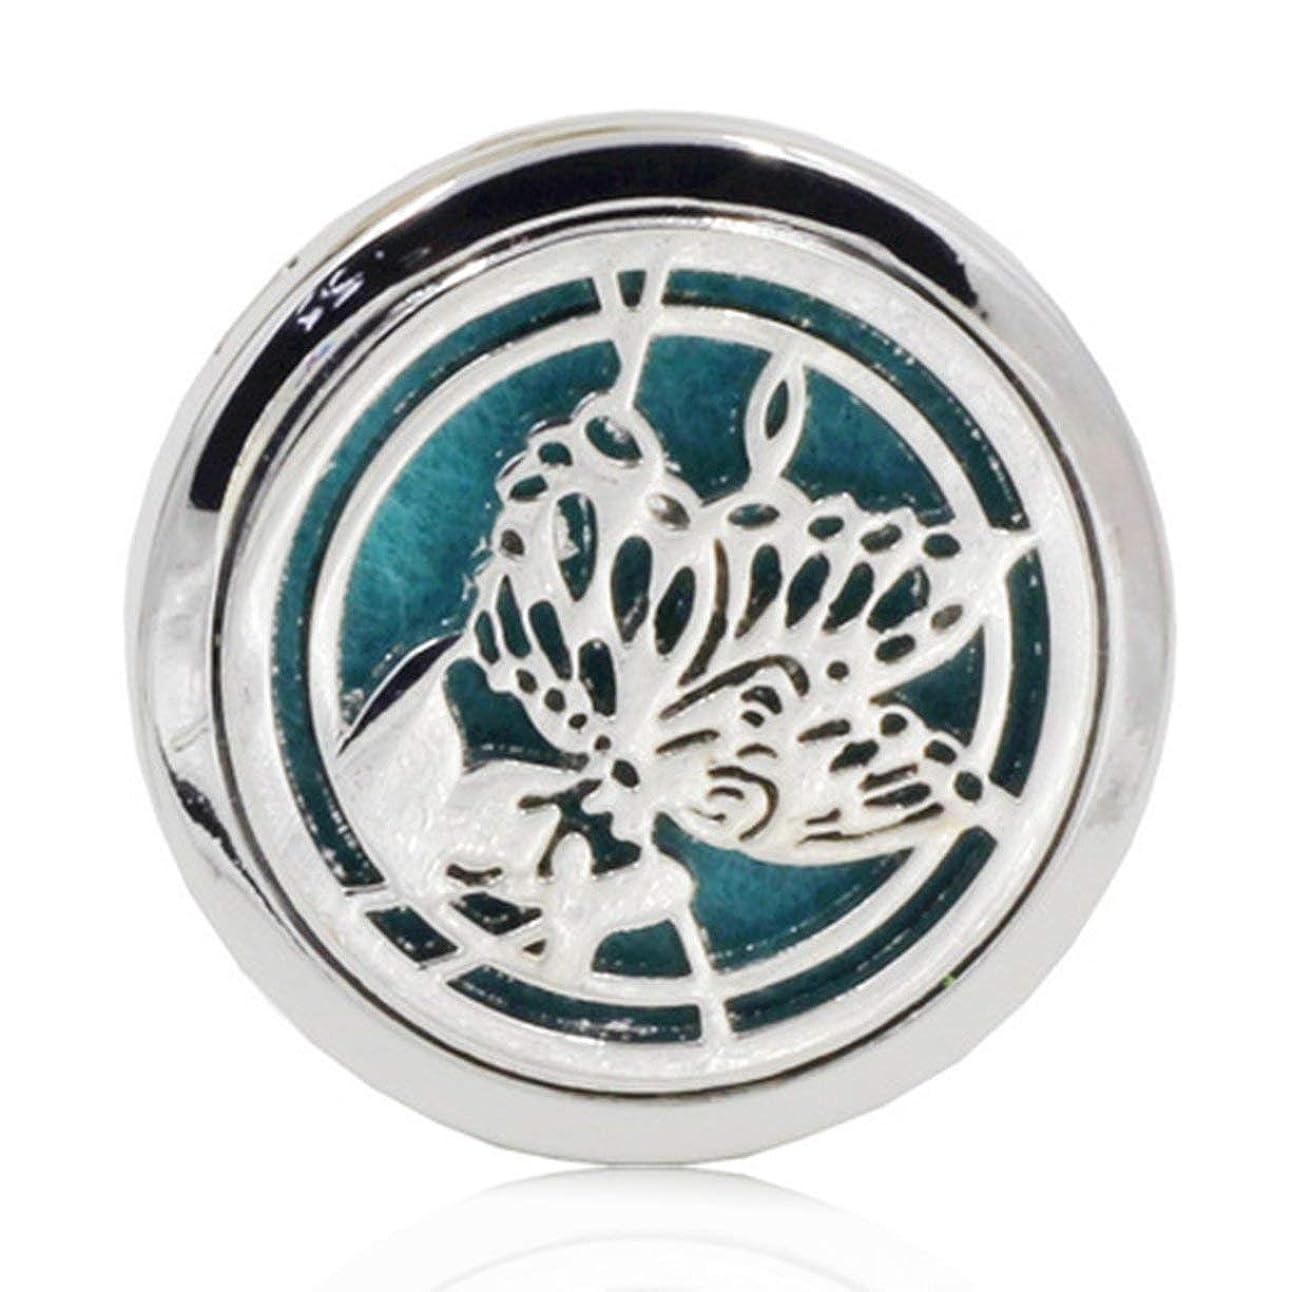 不正確消費する講義車のエアーベント香水クリップ付きワンピースランダムカラーフェルト香水シート車の香水エアフレッシュナー清浄器ホルダー - ランダム